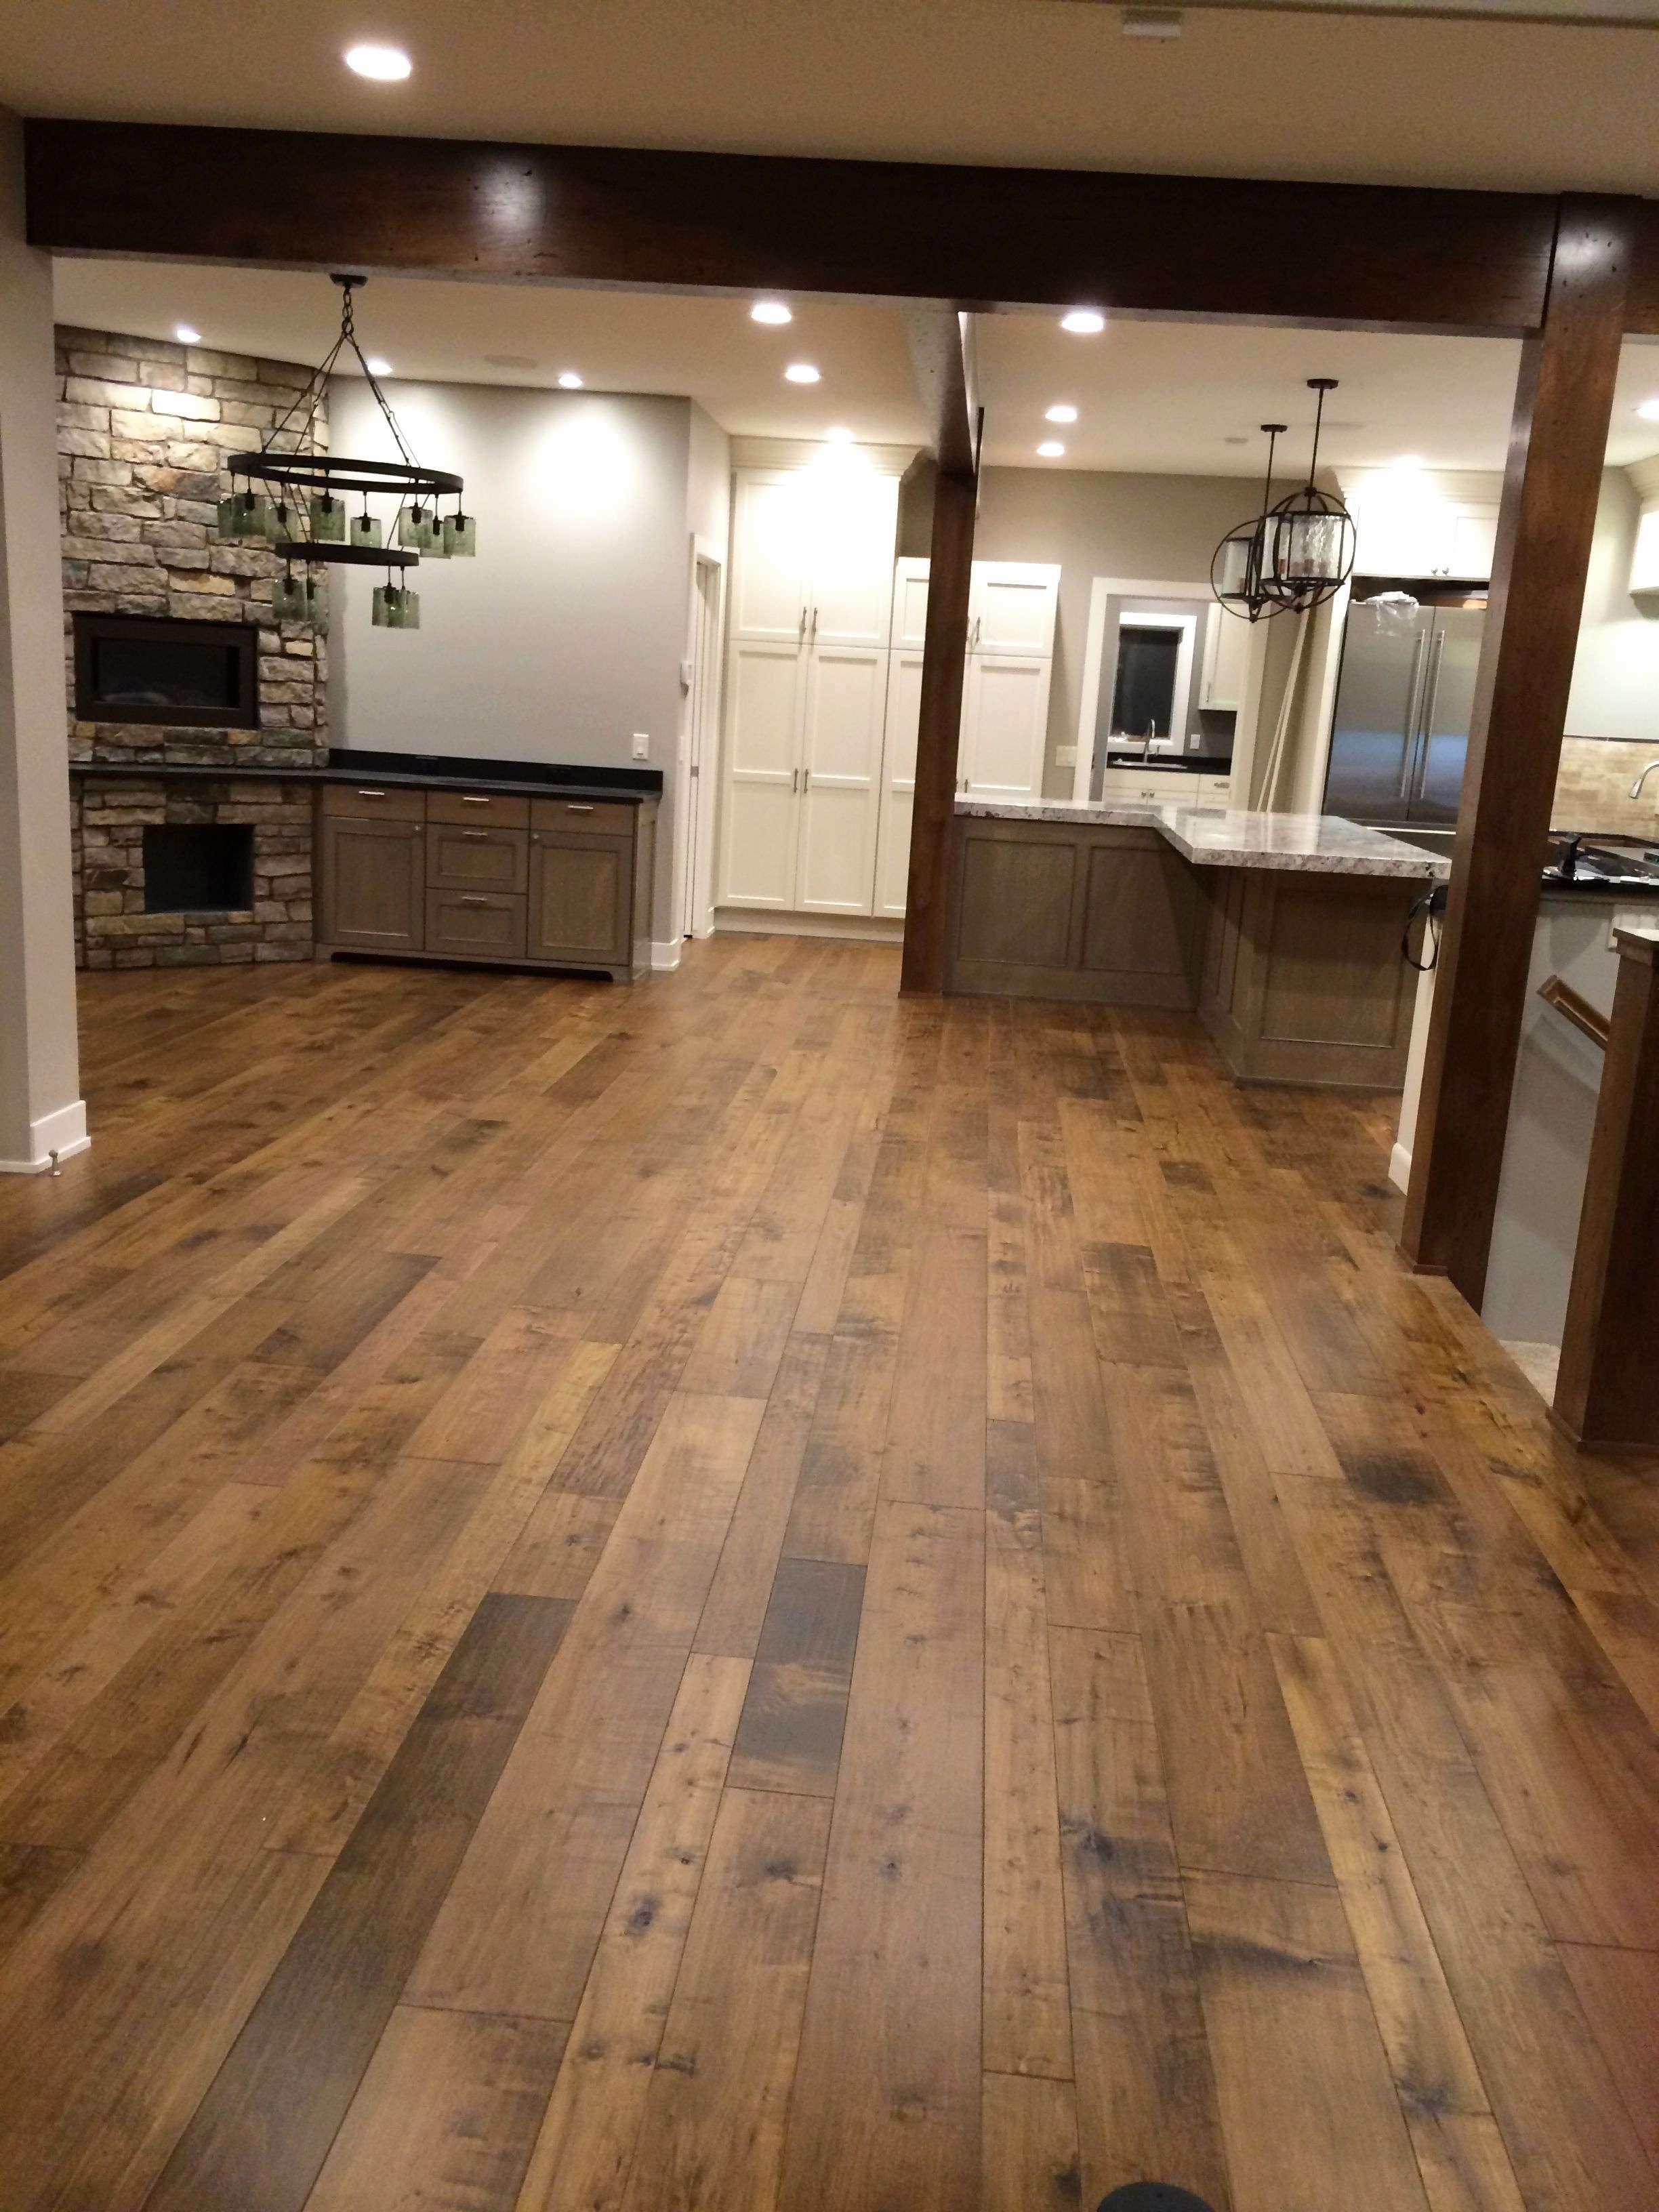 19 attractive Hardwood Floor